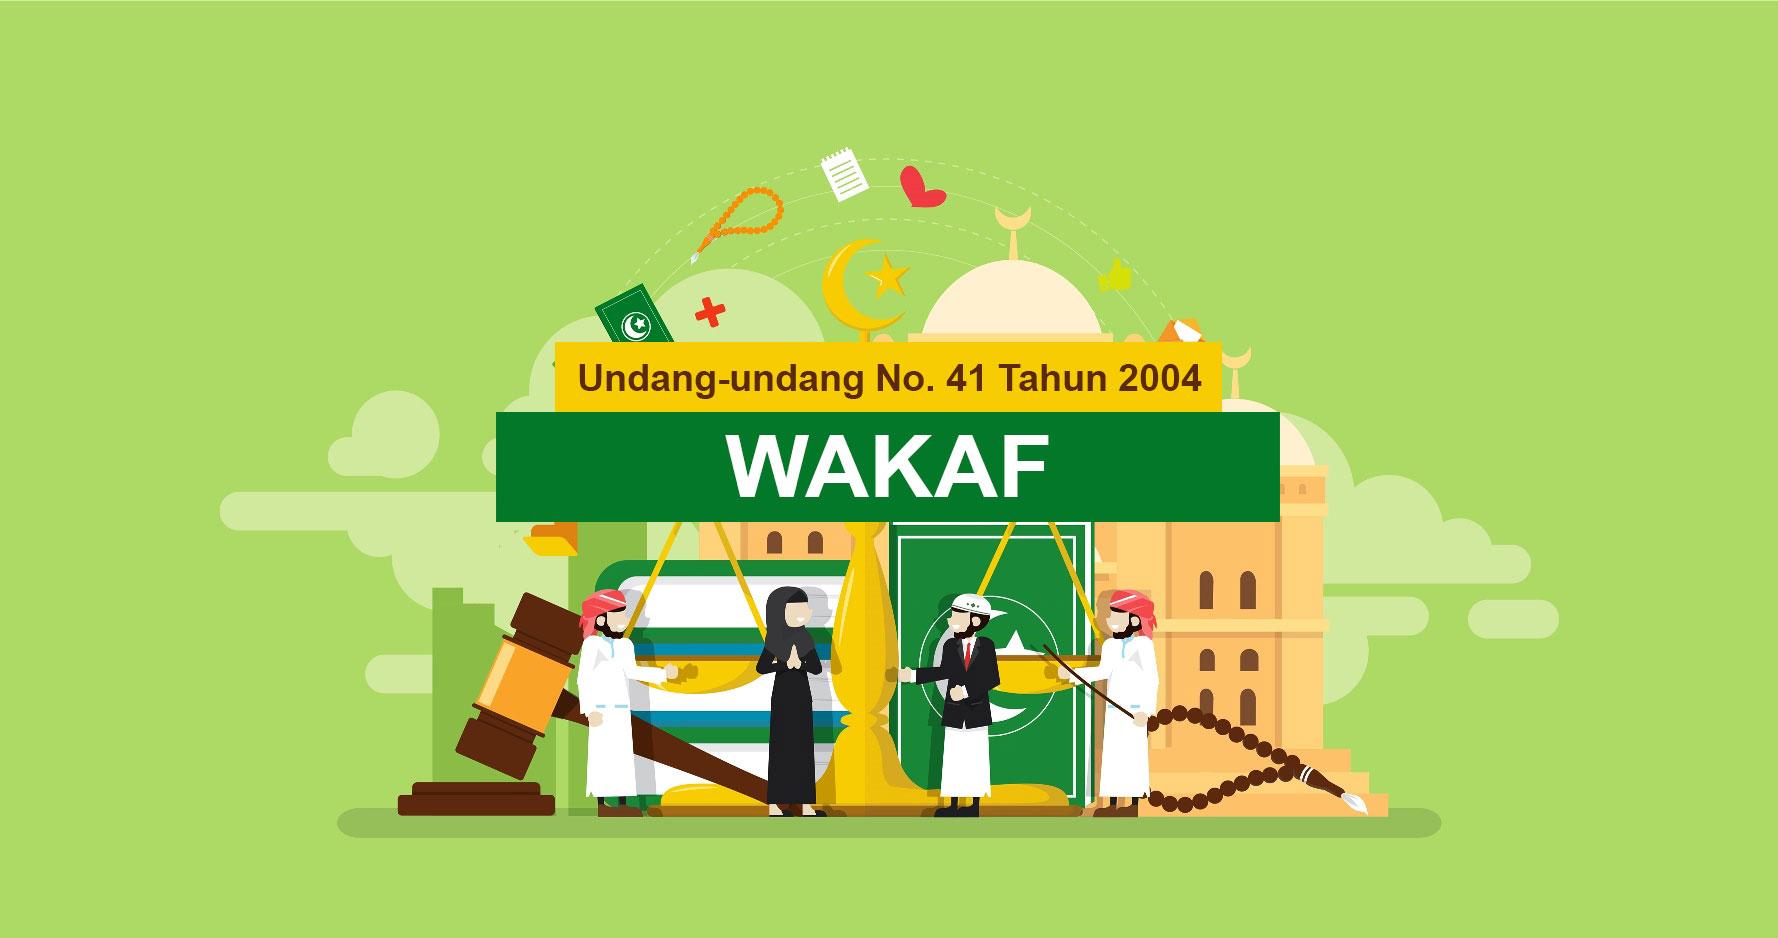 Undang-undang No.41 Tahun 2004 Tentang Wakaf  - Undang undang No - Undang-undang No.41 Tahun 2004 Tentang Wakaf